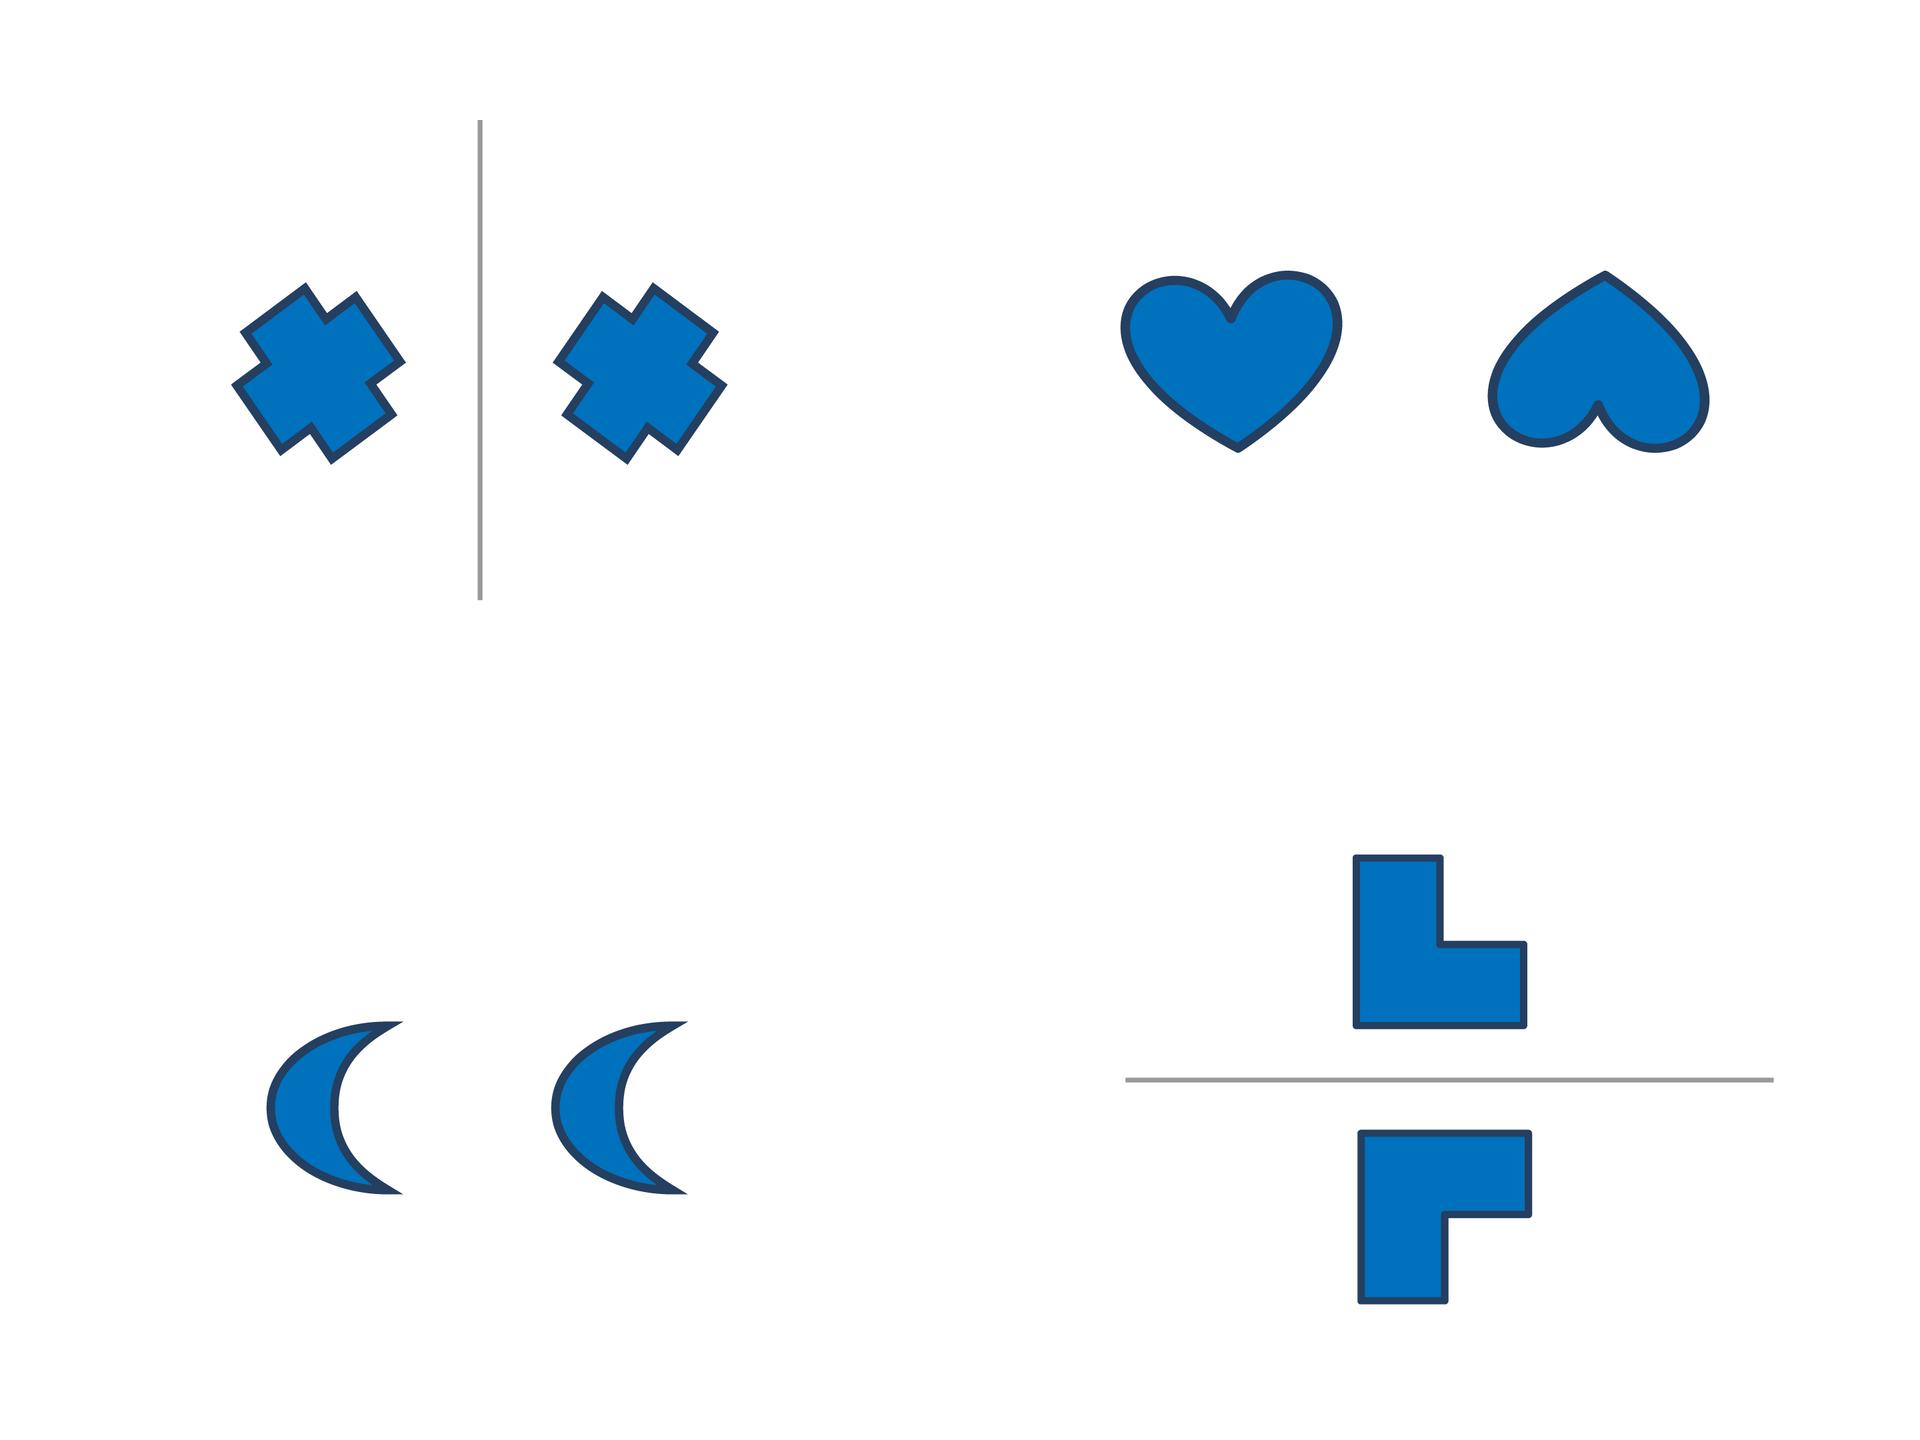 Rysunki figur. Dla sześciokątów idwunastokątów zaznaczono proste, względem których figury są symetryczne. Rozwiązanie zadania.